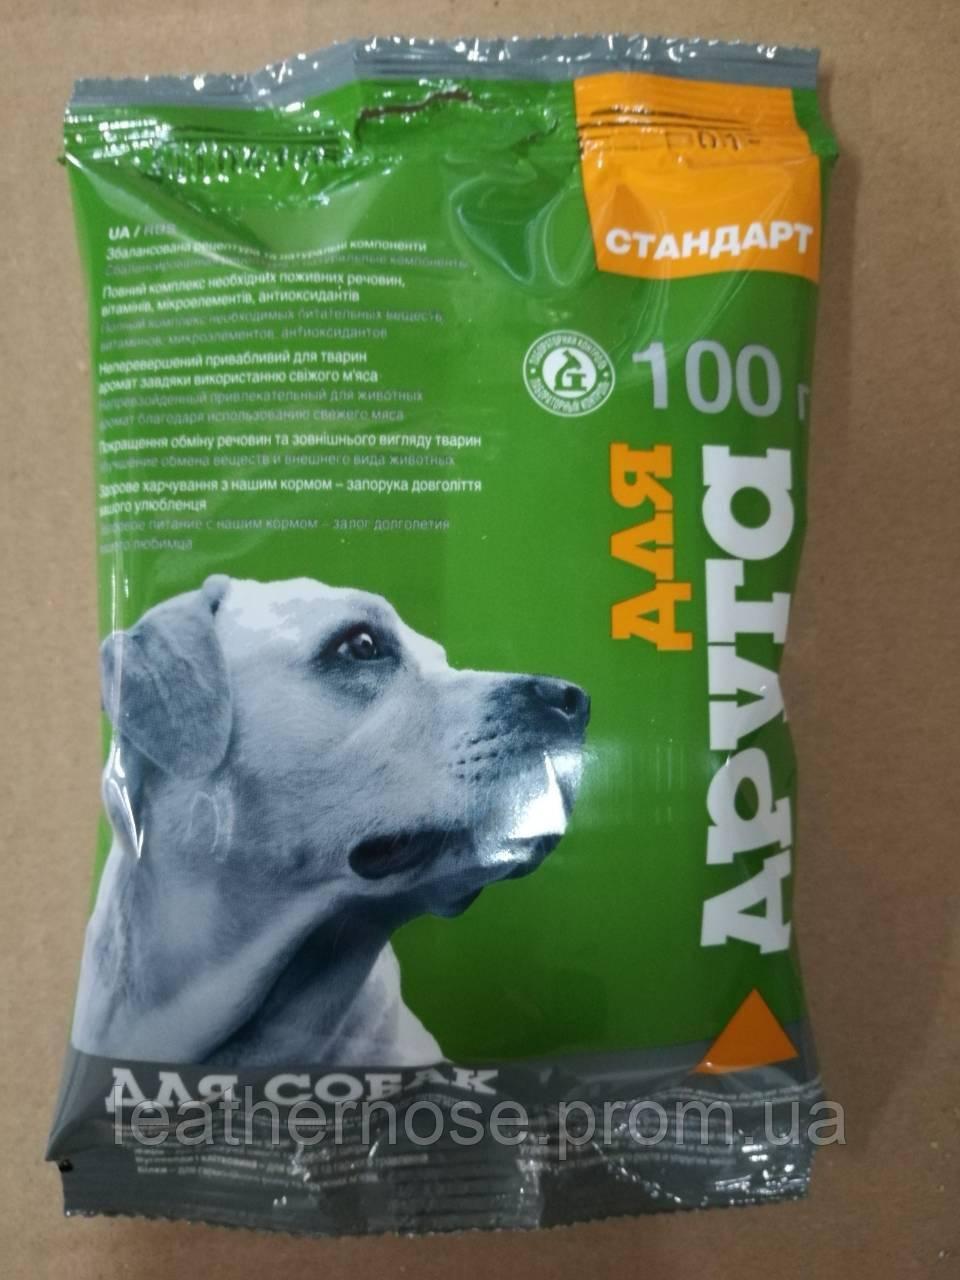 ebab72c916a67e Корм Собак Для Друга 100 Г (стандарт) O.L.KAR. — в Категории